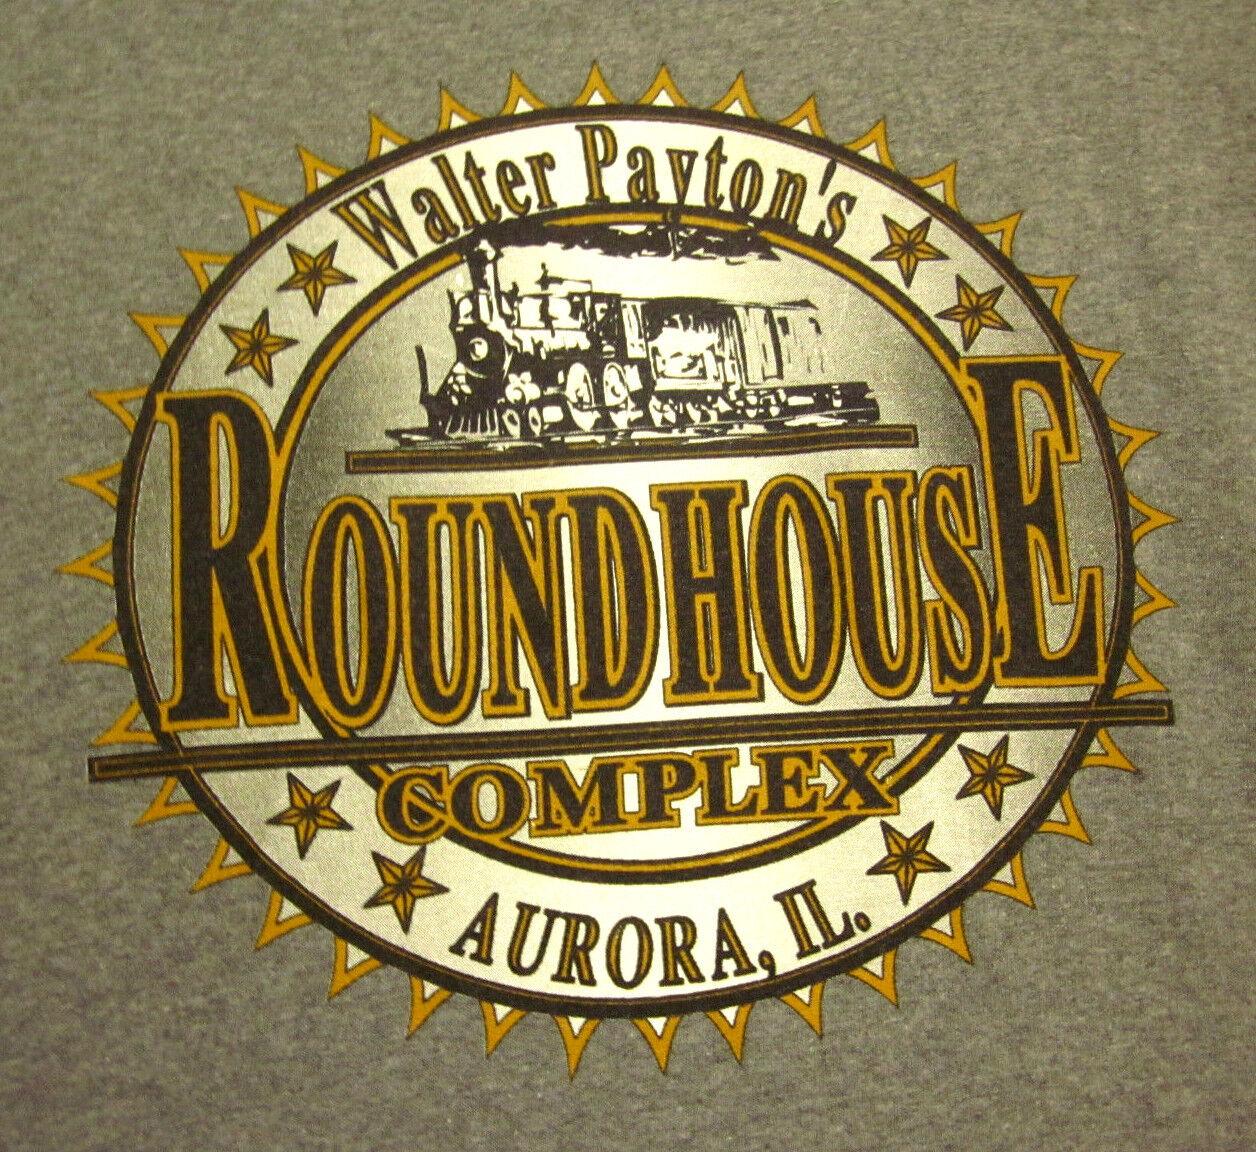 WALTER PAYTON lrg T shirt Round House Complex tee Aurora football Illinois 1990s